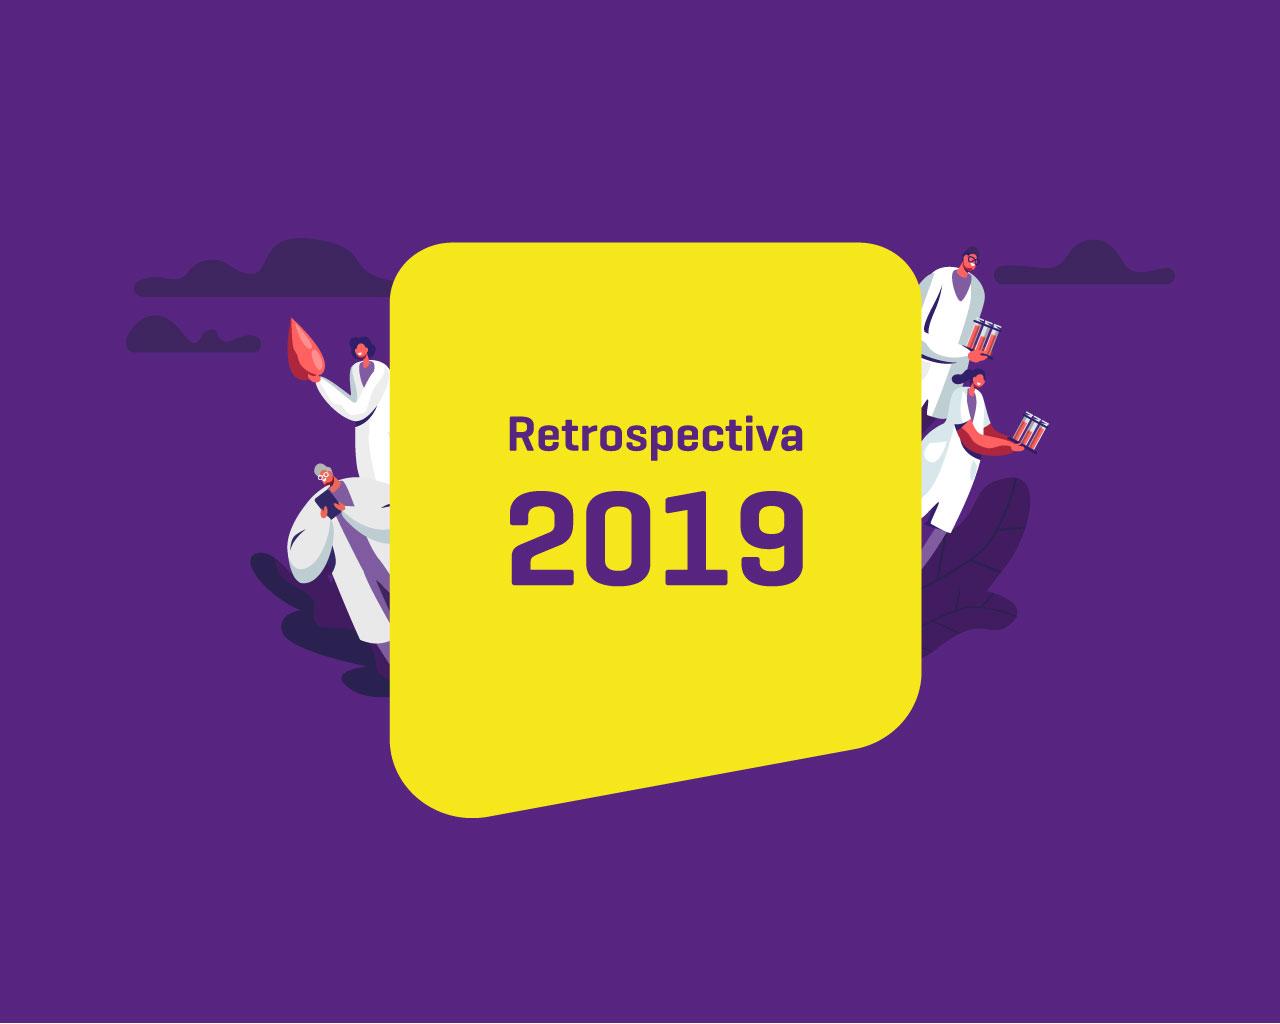 Retrospectiva: Labi Exames em 2019